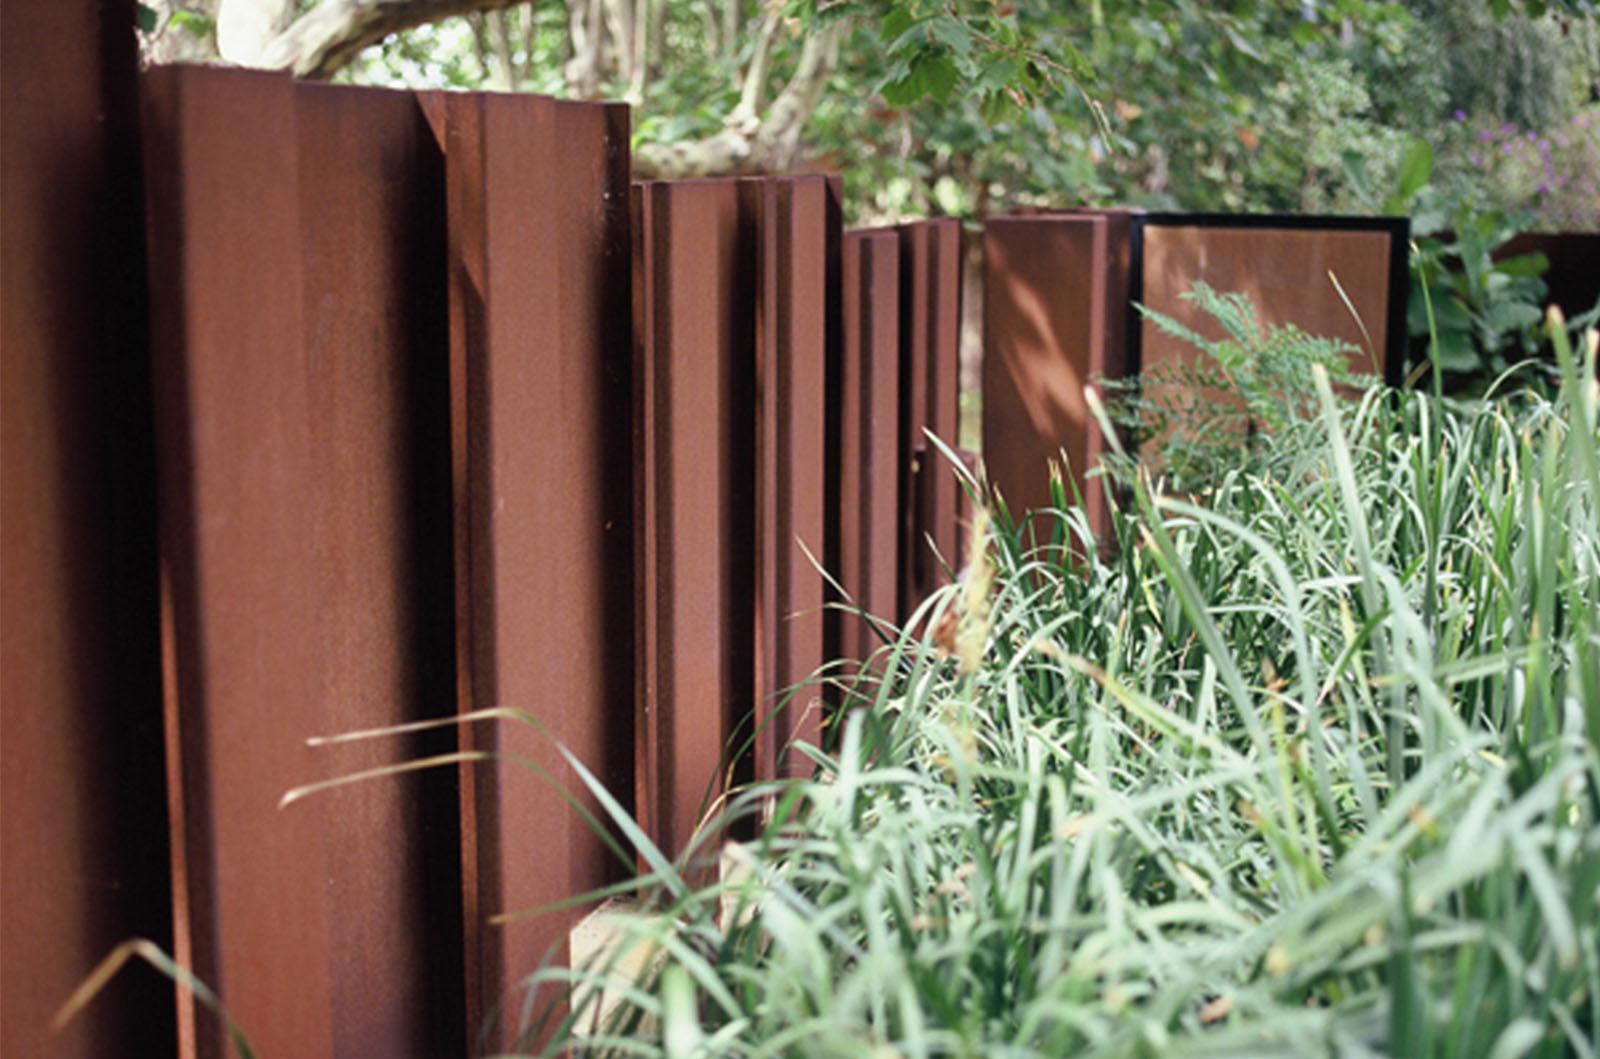 Front Garden_0007s_0003_Wyles-8